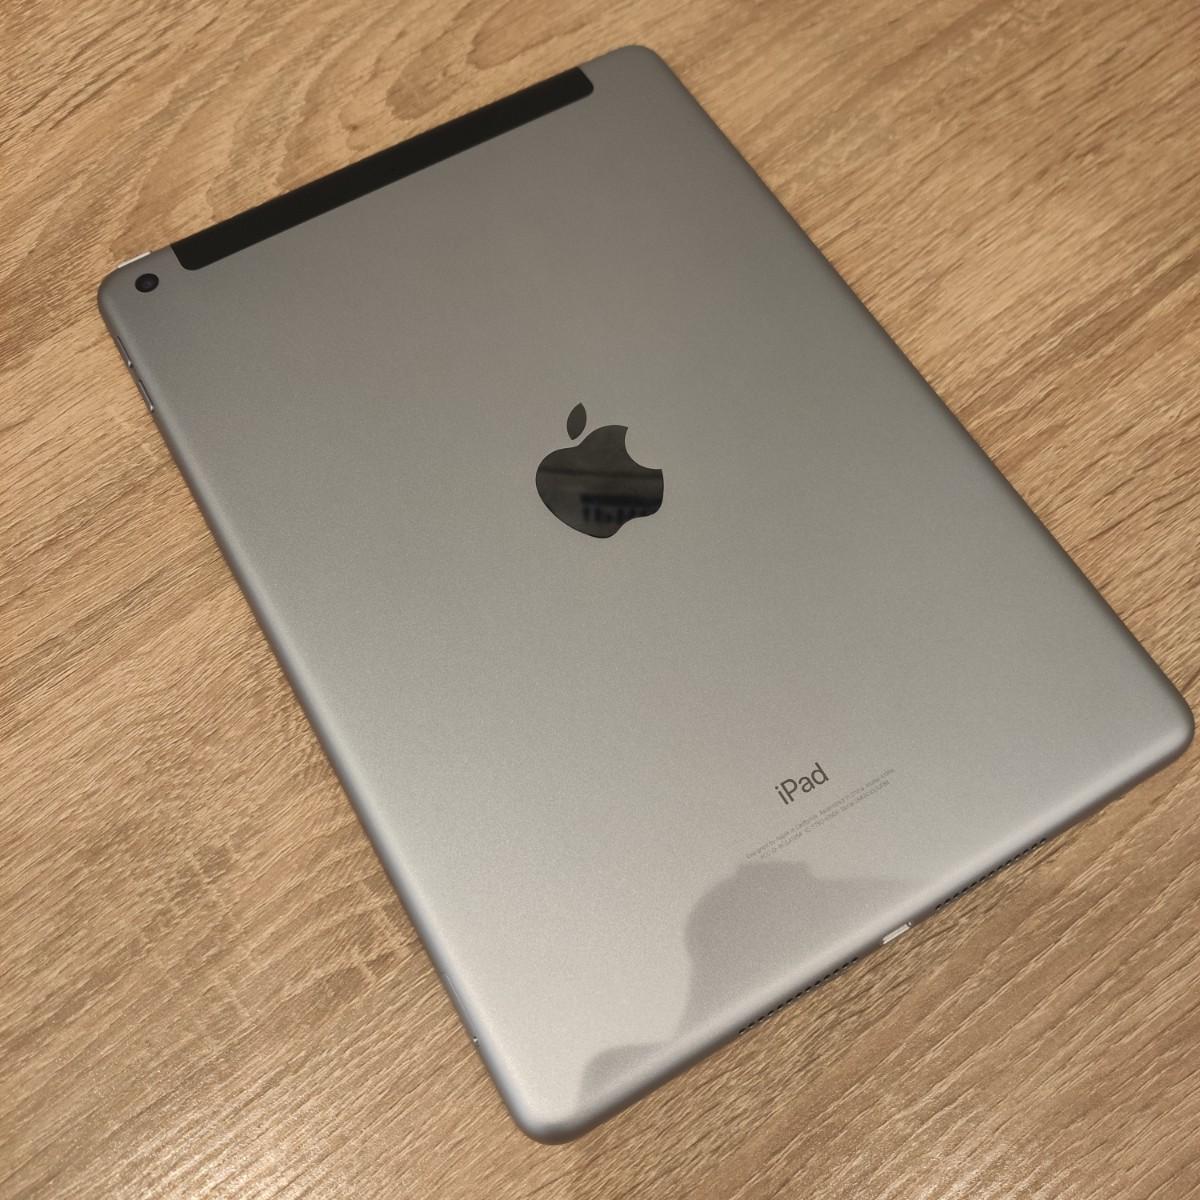 iPad6 32GBスペースグレーau 中古 残債あり